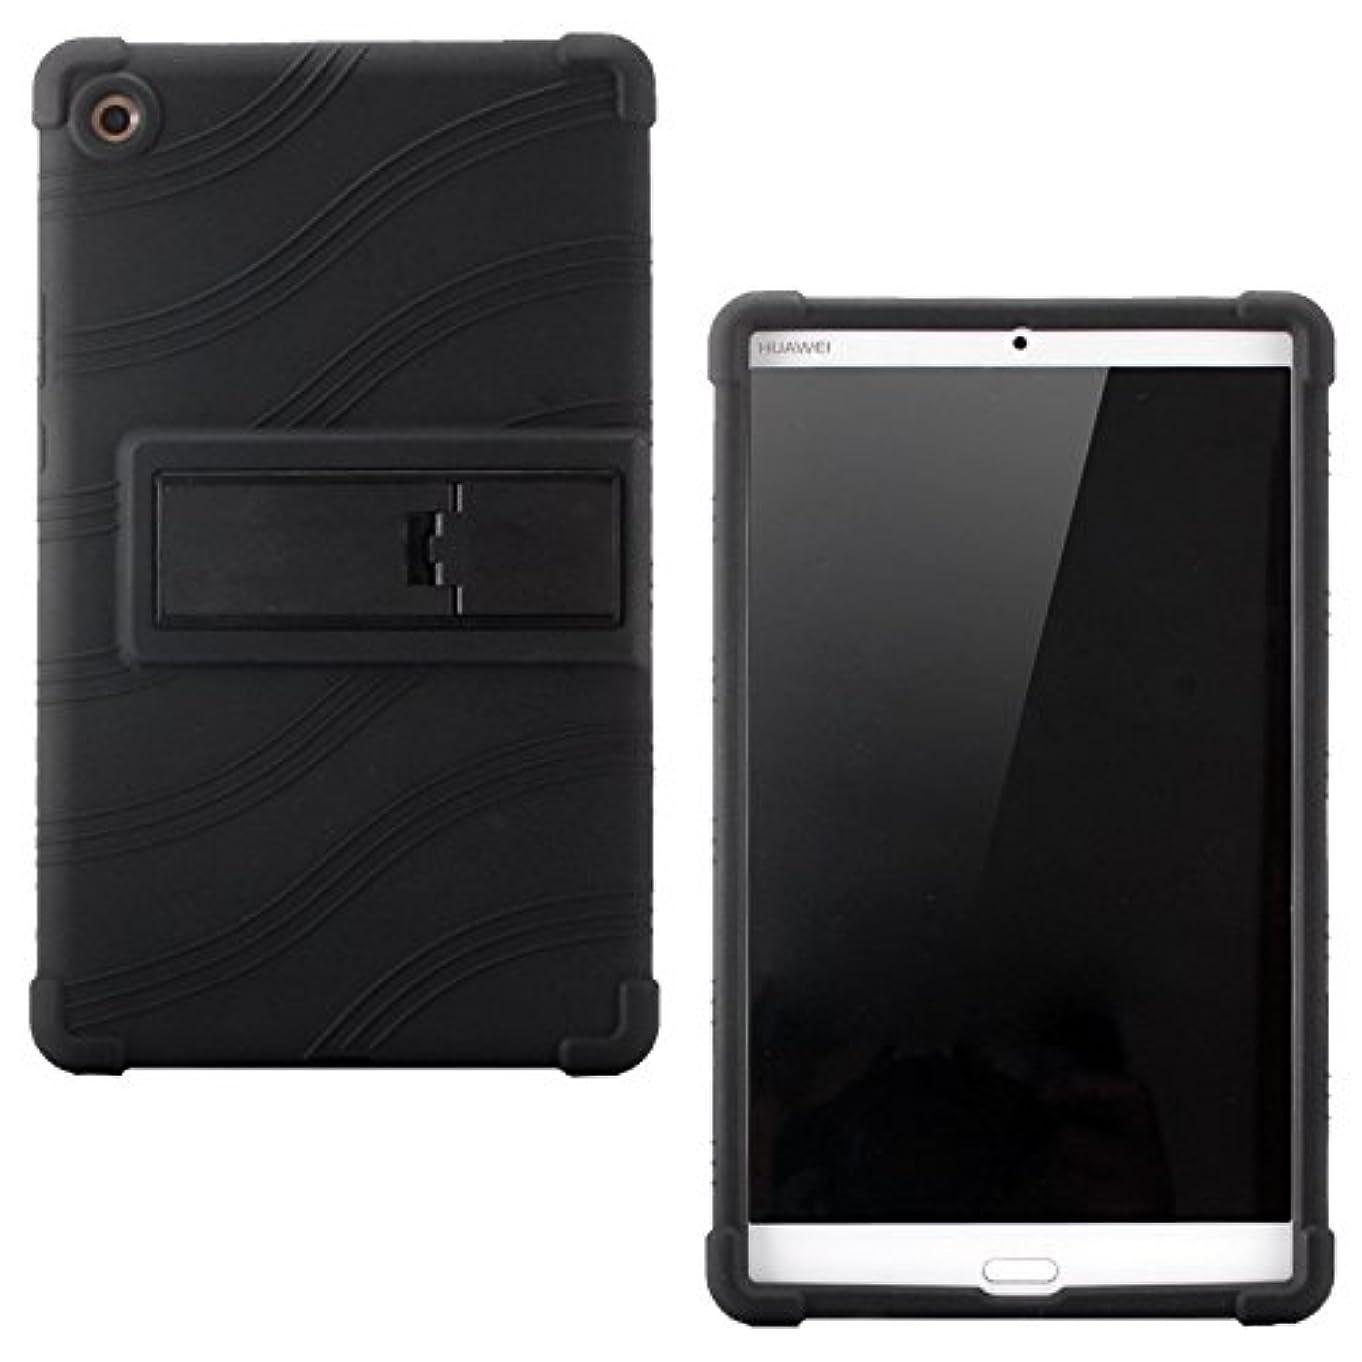 蒸留狂う溶接Beststartjp Huawei MediaPad M5 8.4インチ タブレット 専用ケース カバー スタンド機能付き 保護ケース 傷つけ防止 全面保護型 シリコーン 色選択可能 (ブラック)